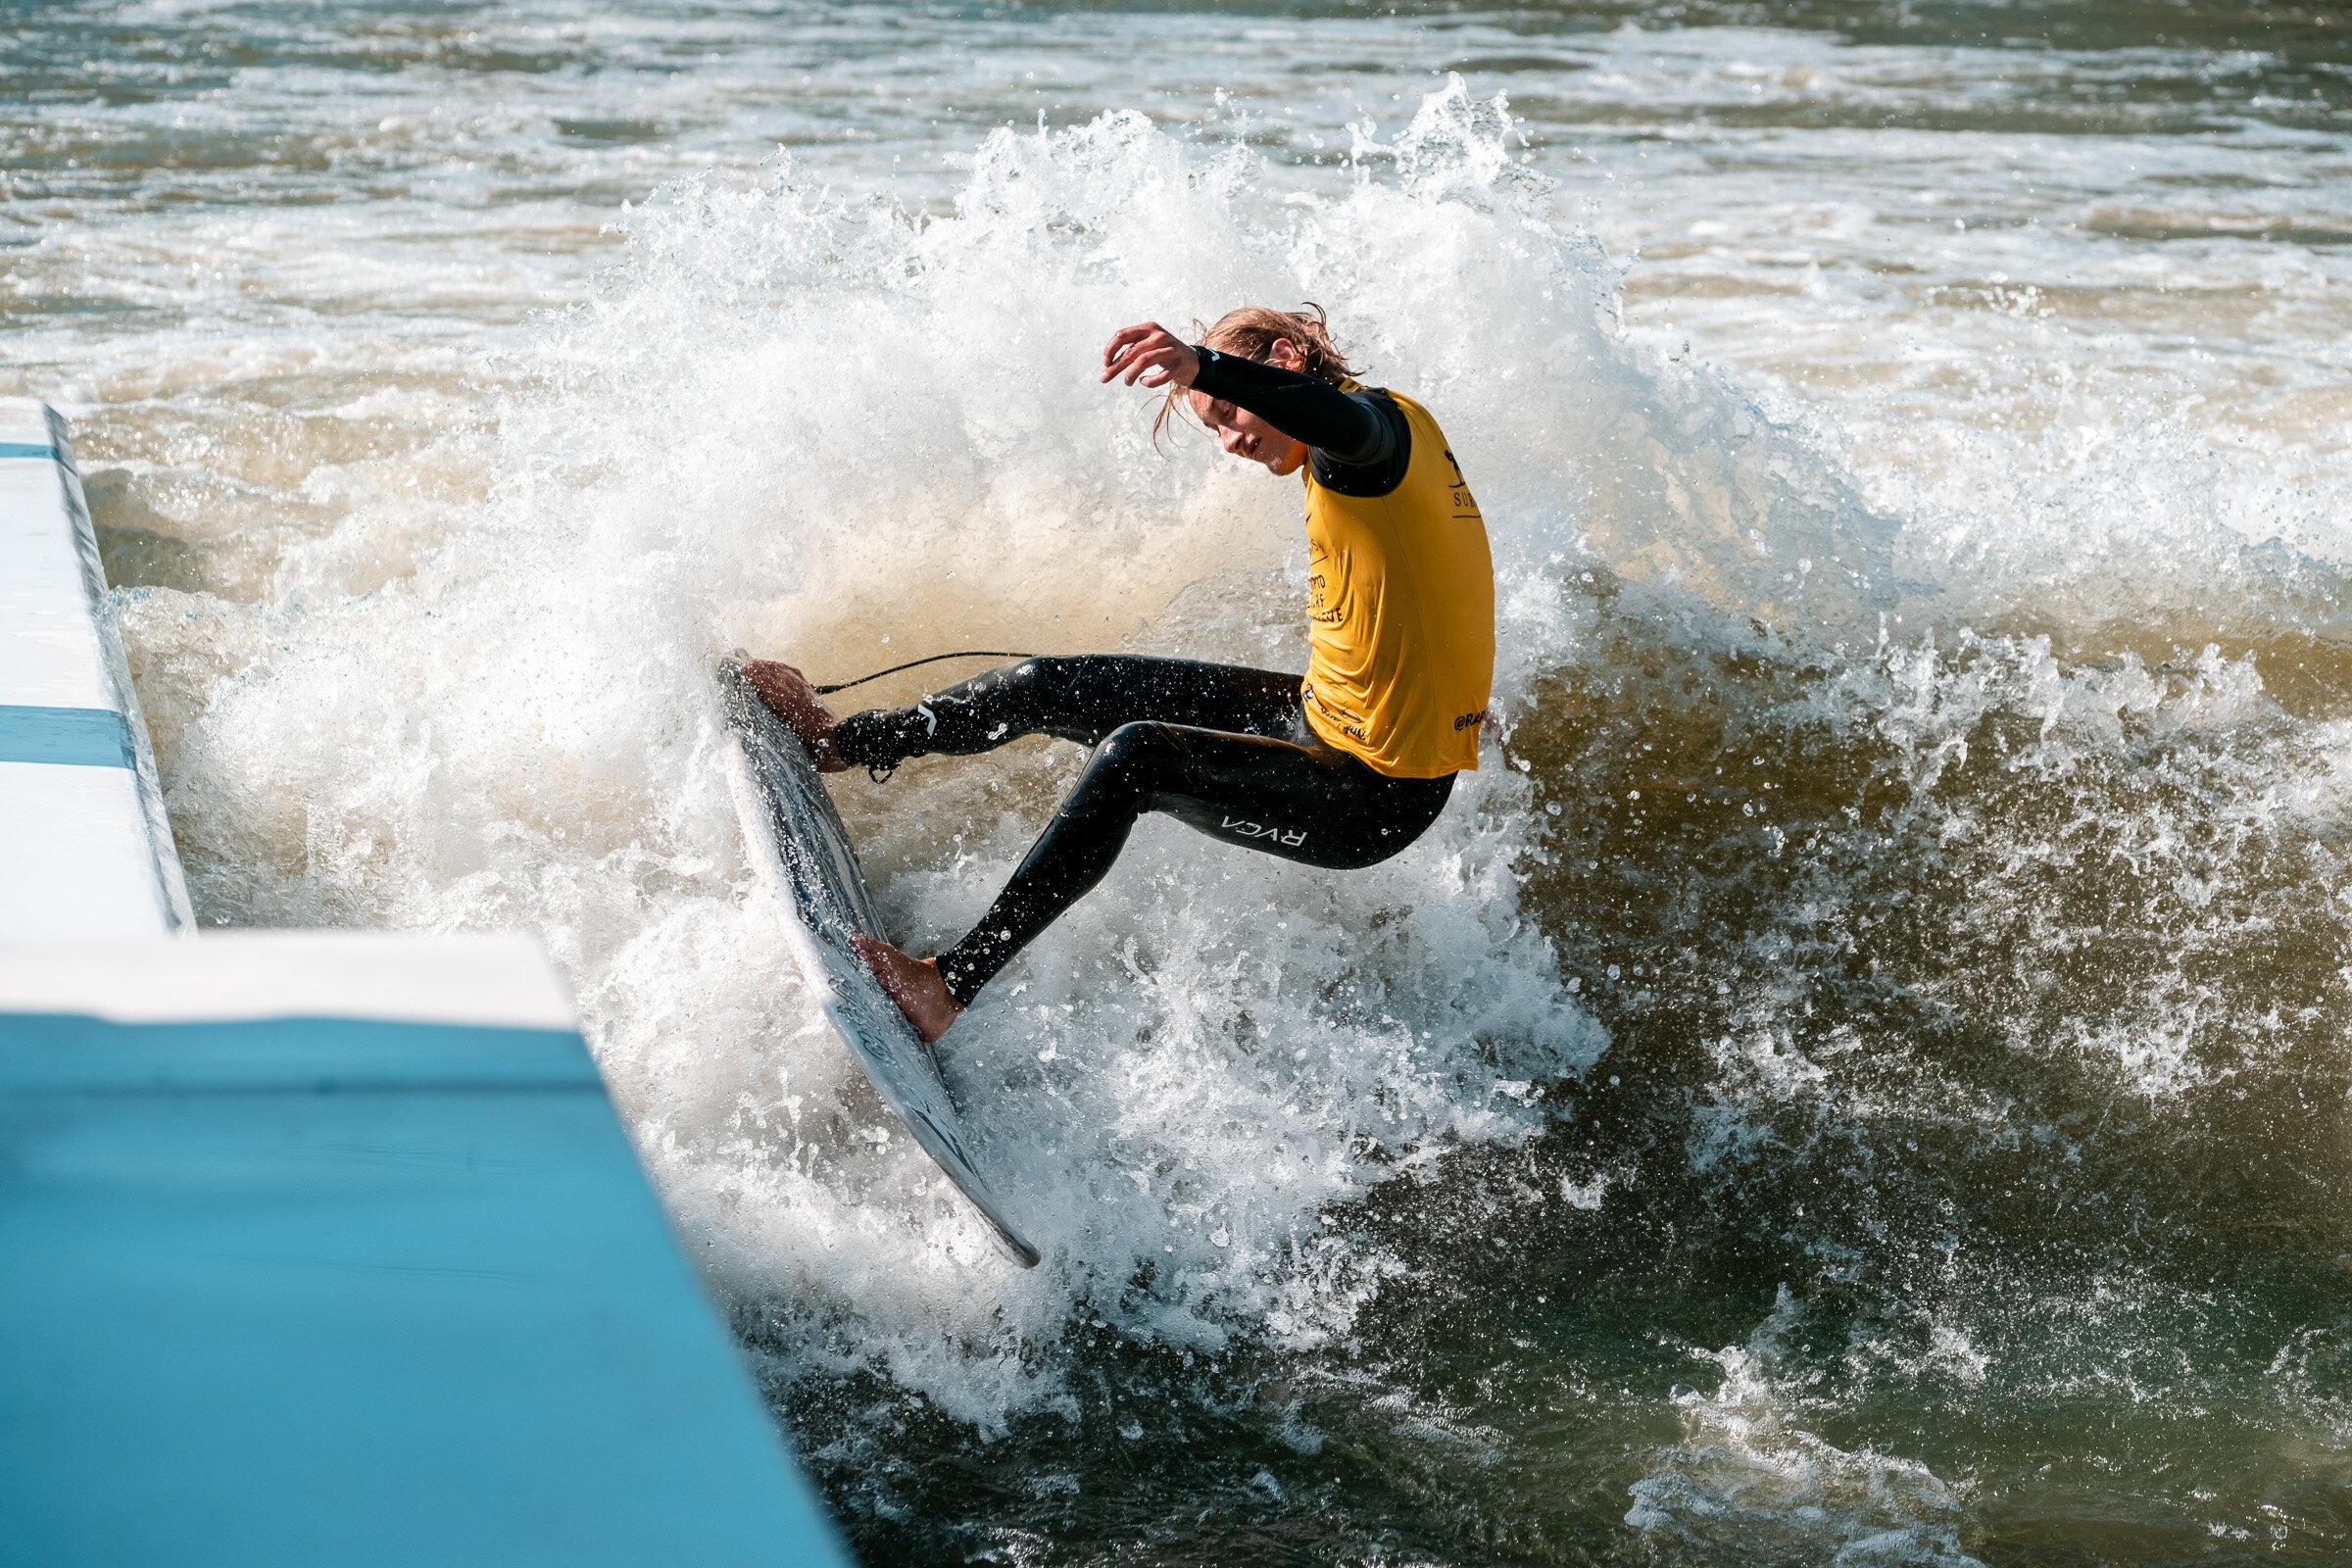 rapid-surf-contest-derKristof-29.jpg